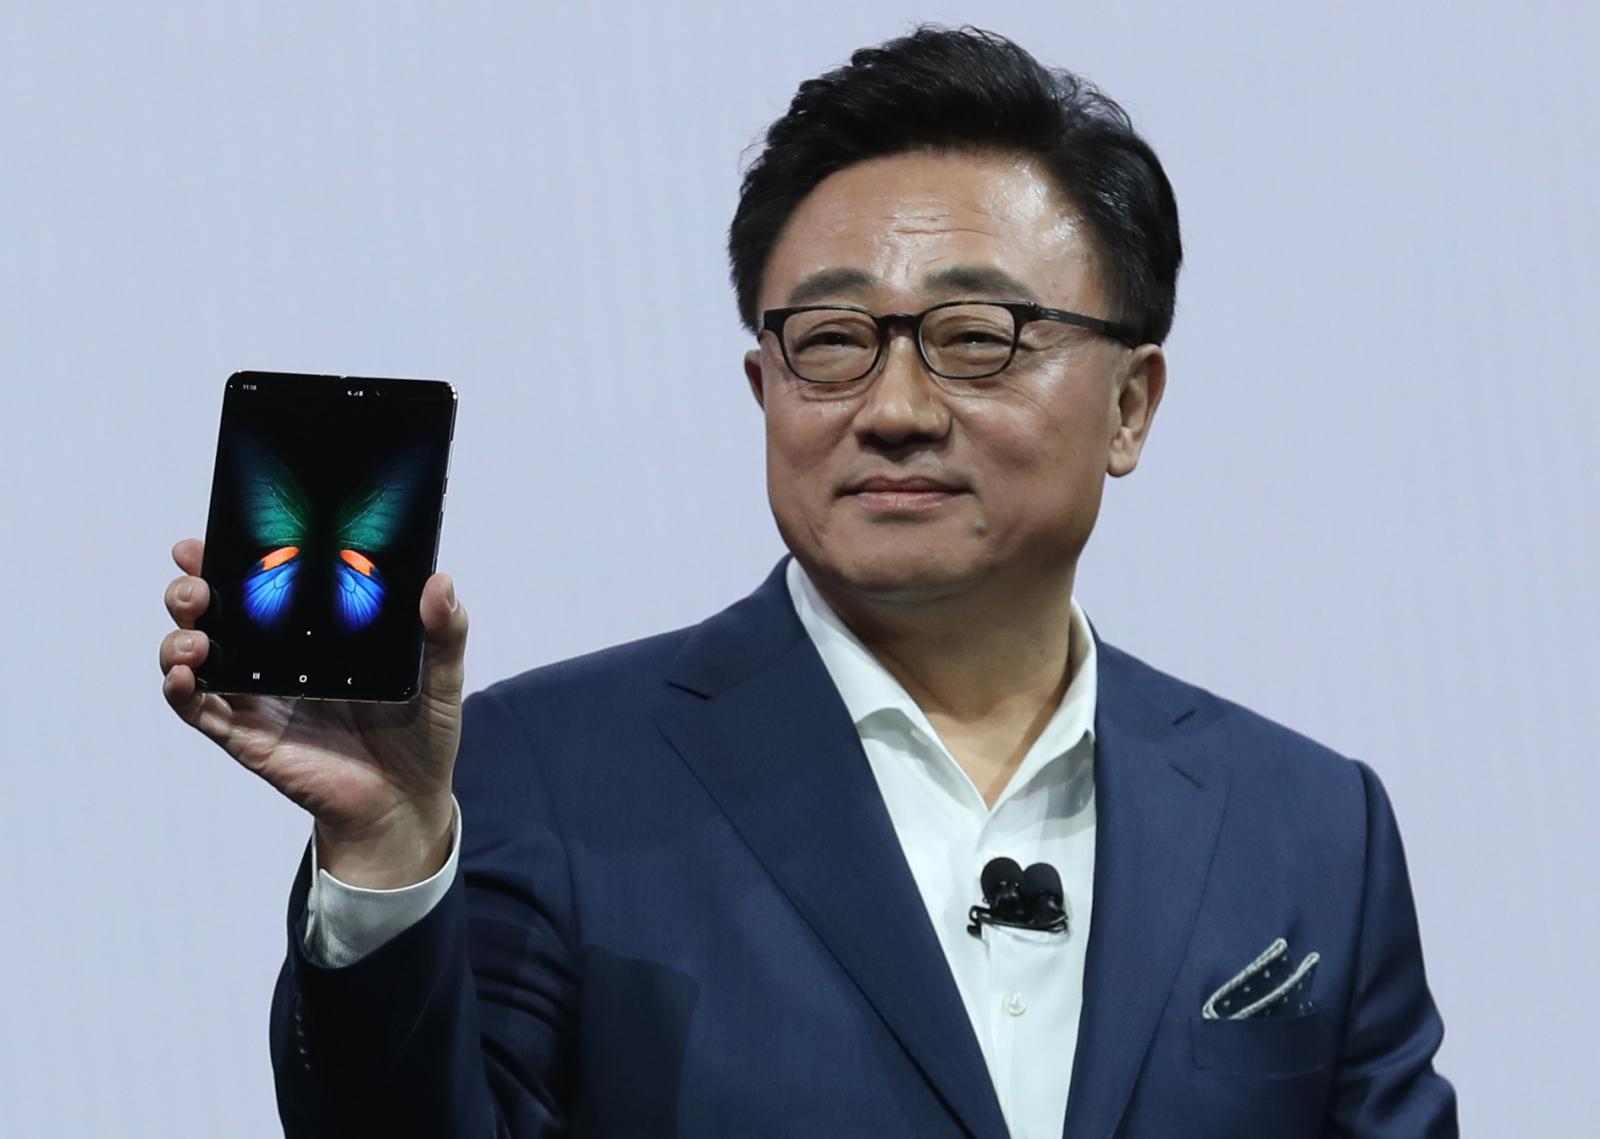 Galaxy Z Flip: Samsung